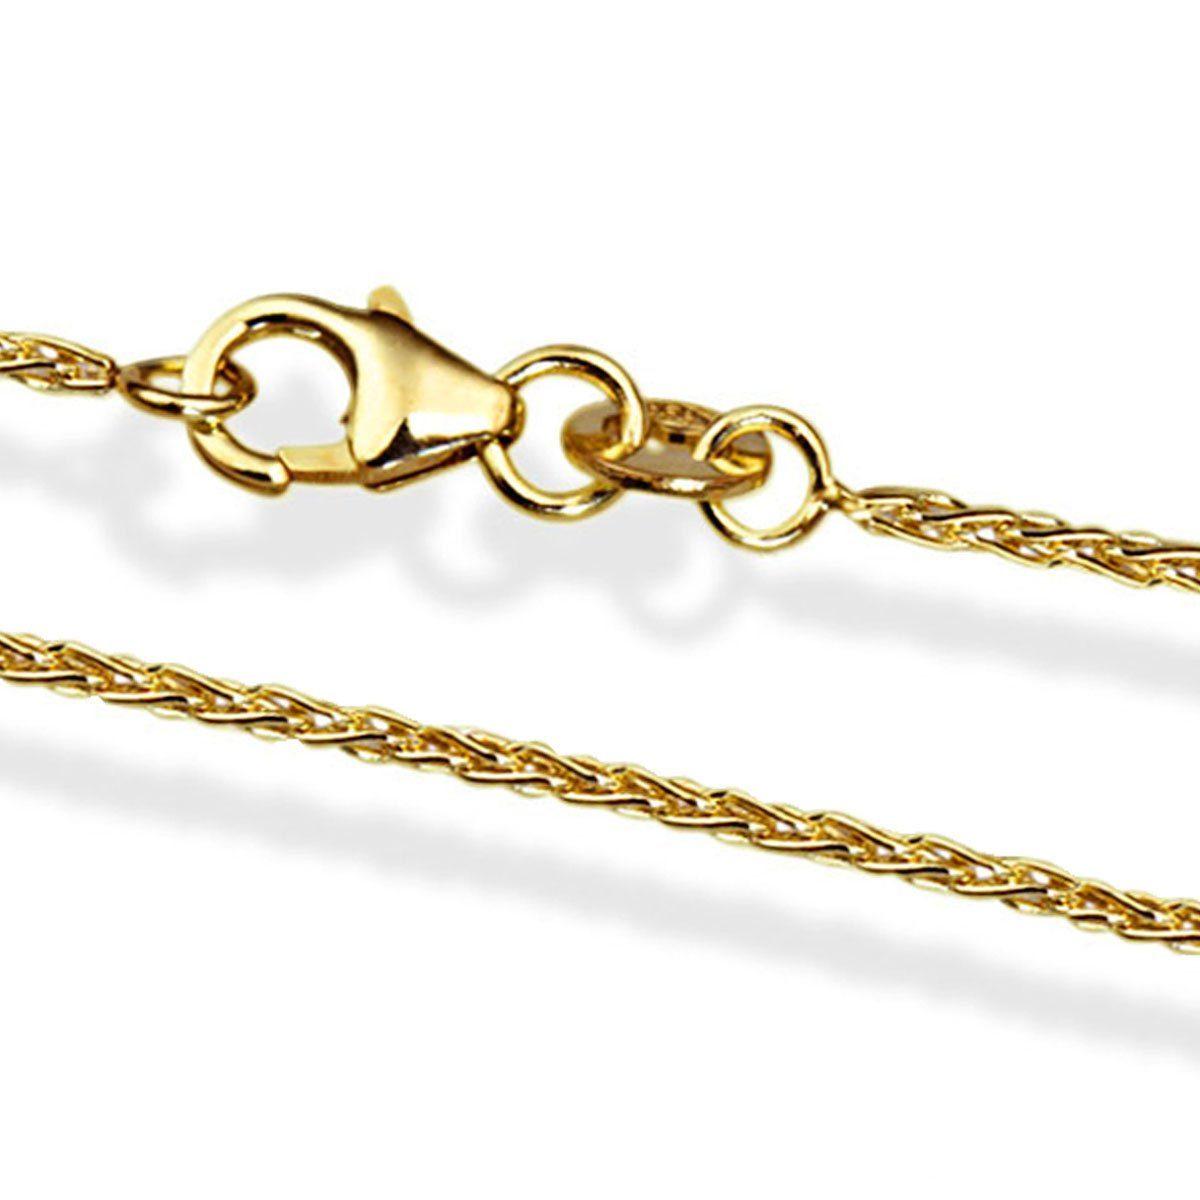 goldmaid Zopfkette 585/- Gelbgold 50 cm